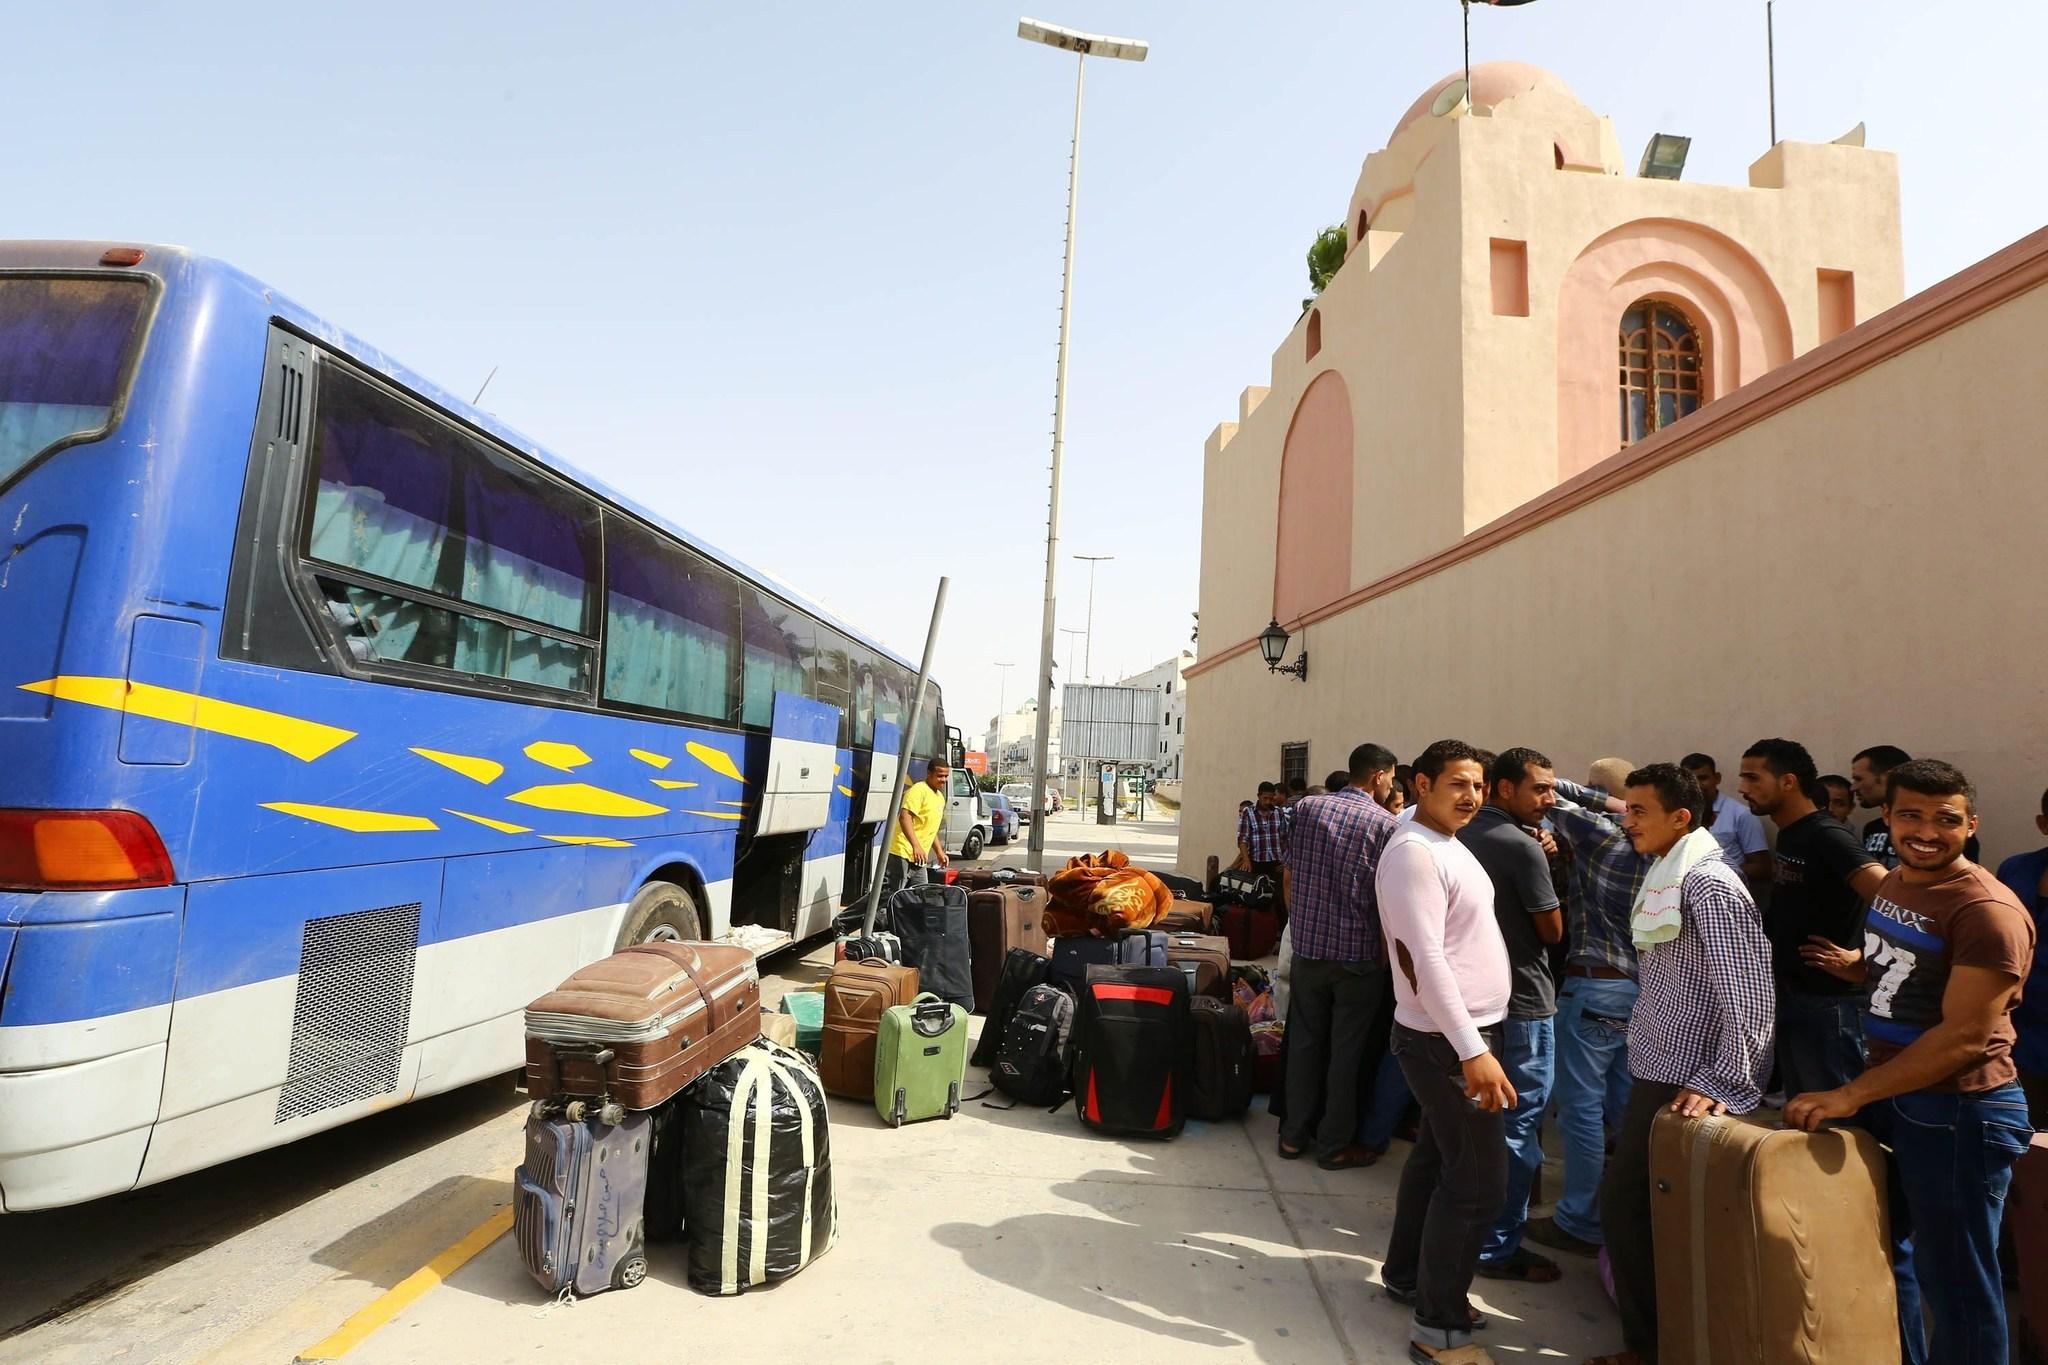 RATUSAN PEKERJA MESIR DITOLAK MASUK LIBYA